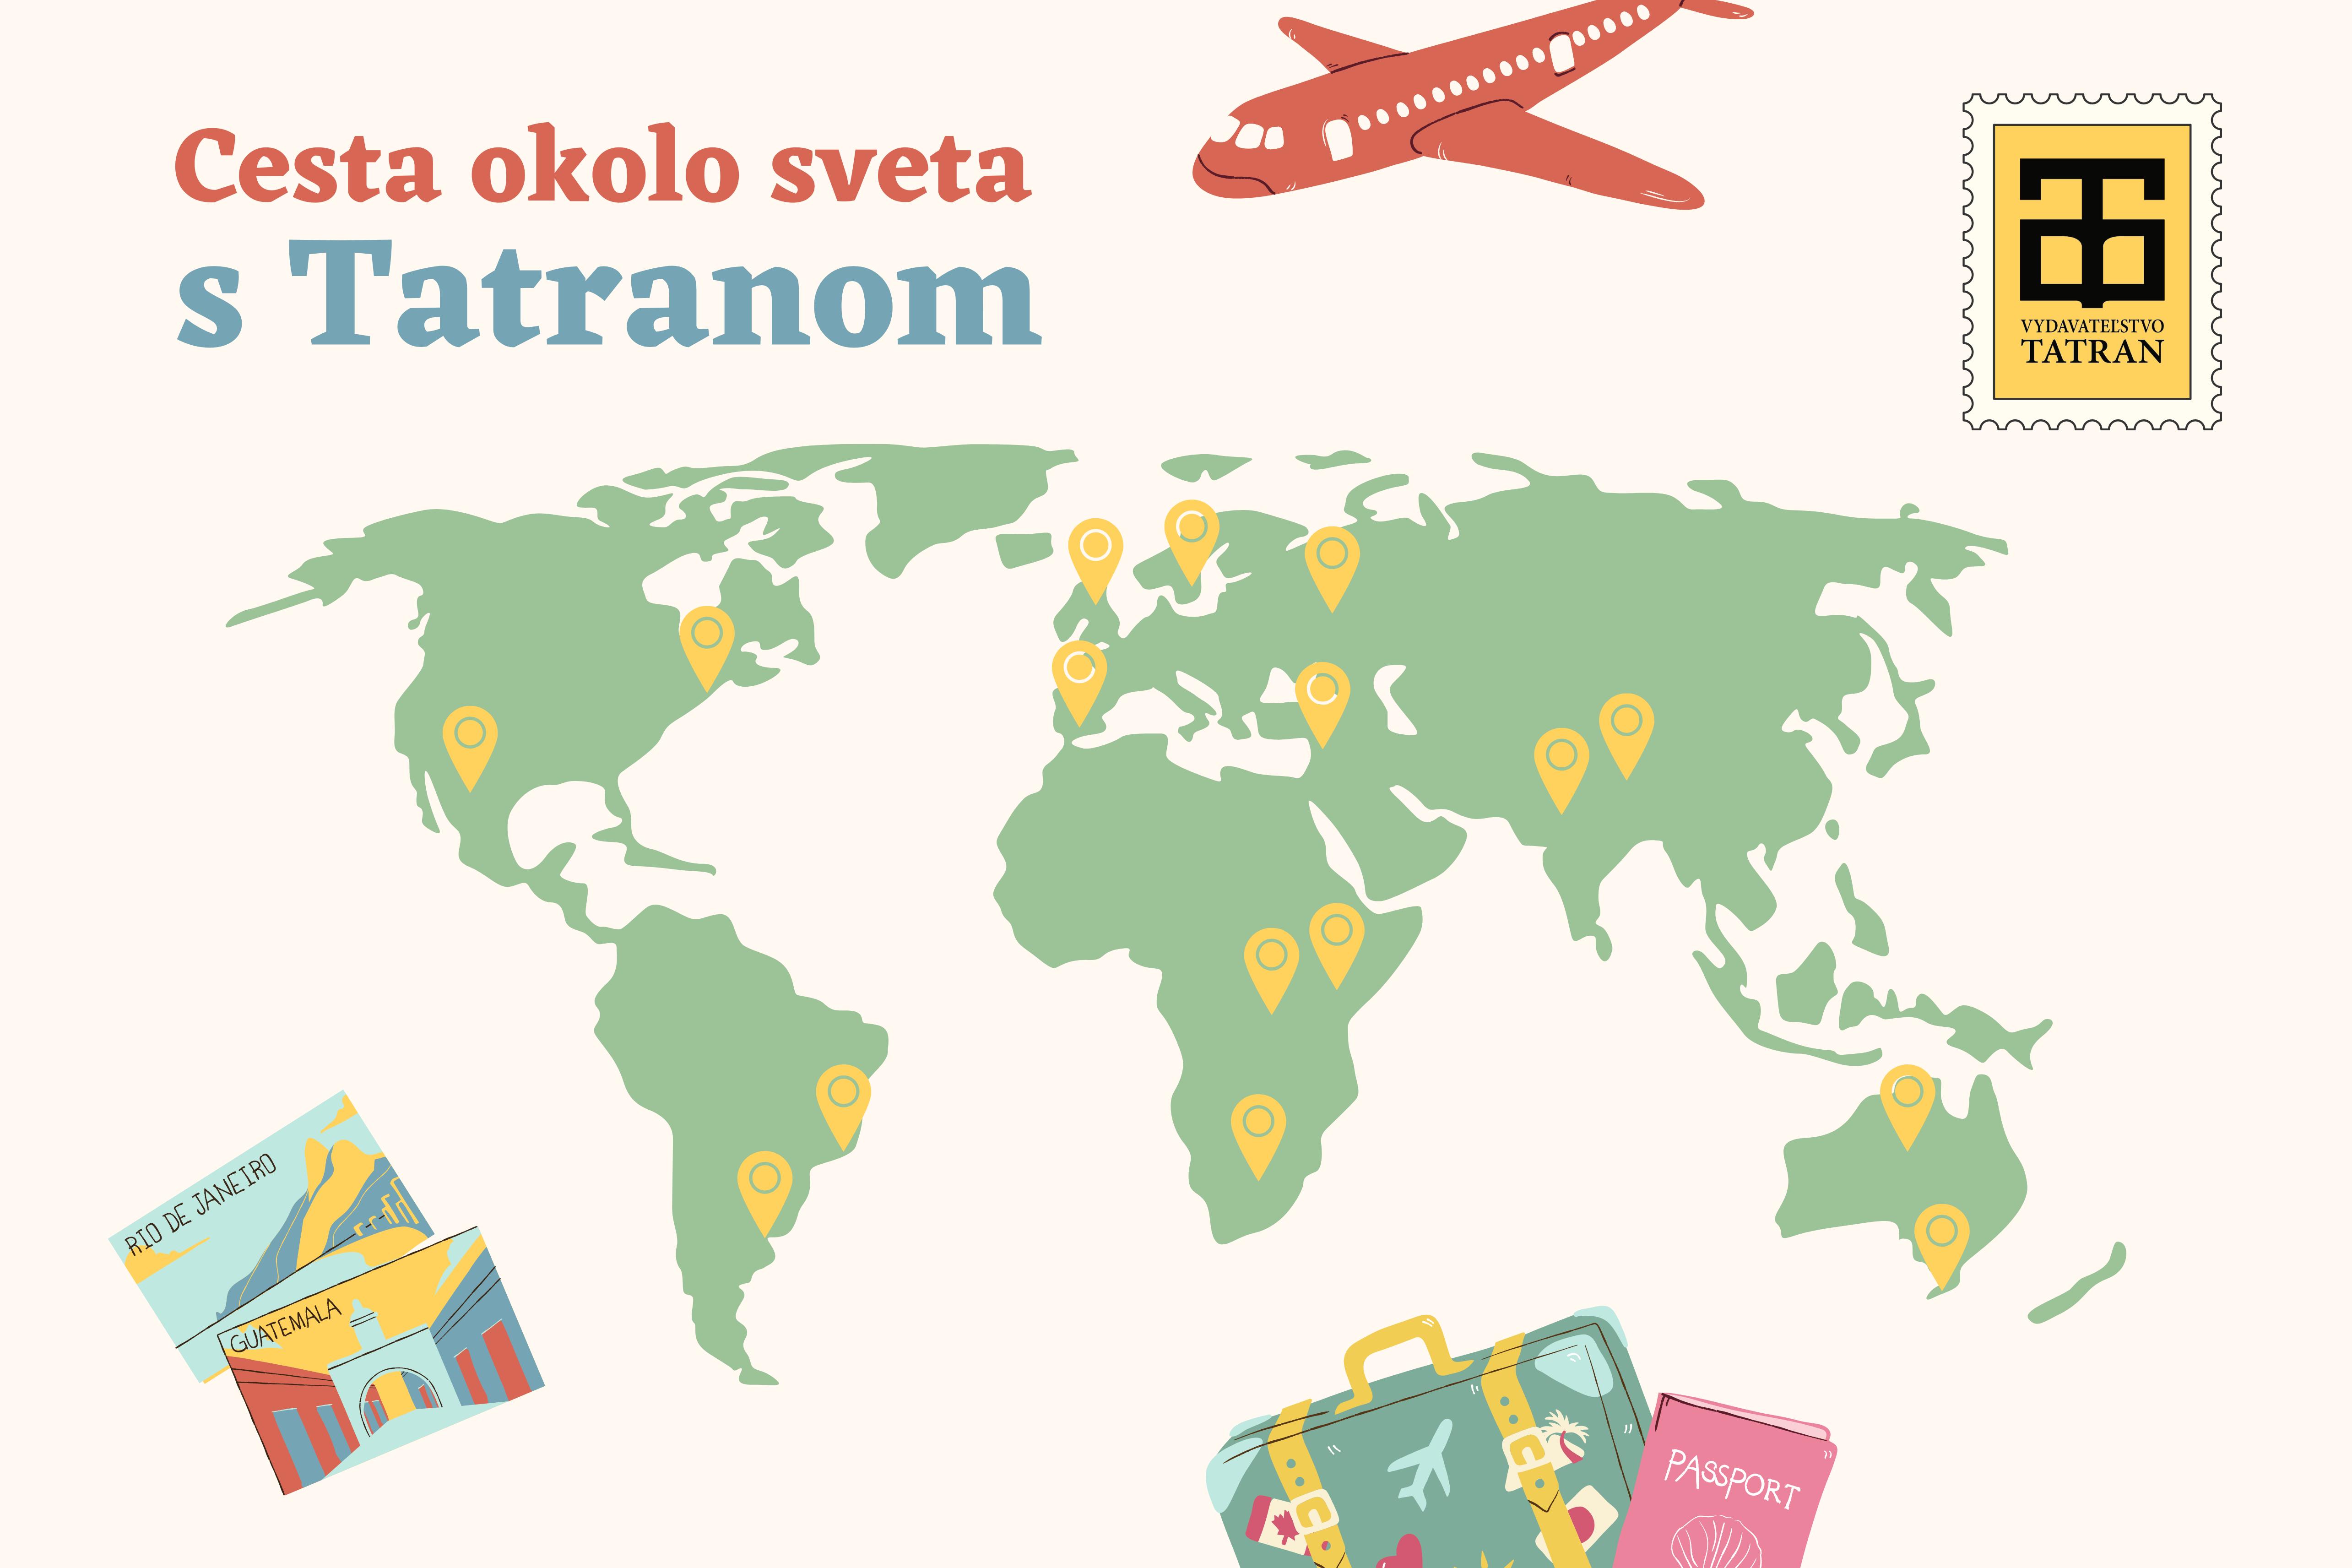 Cesta okolo sveta s Tatranom